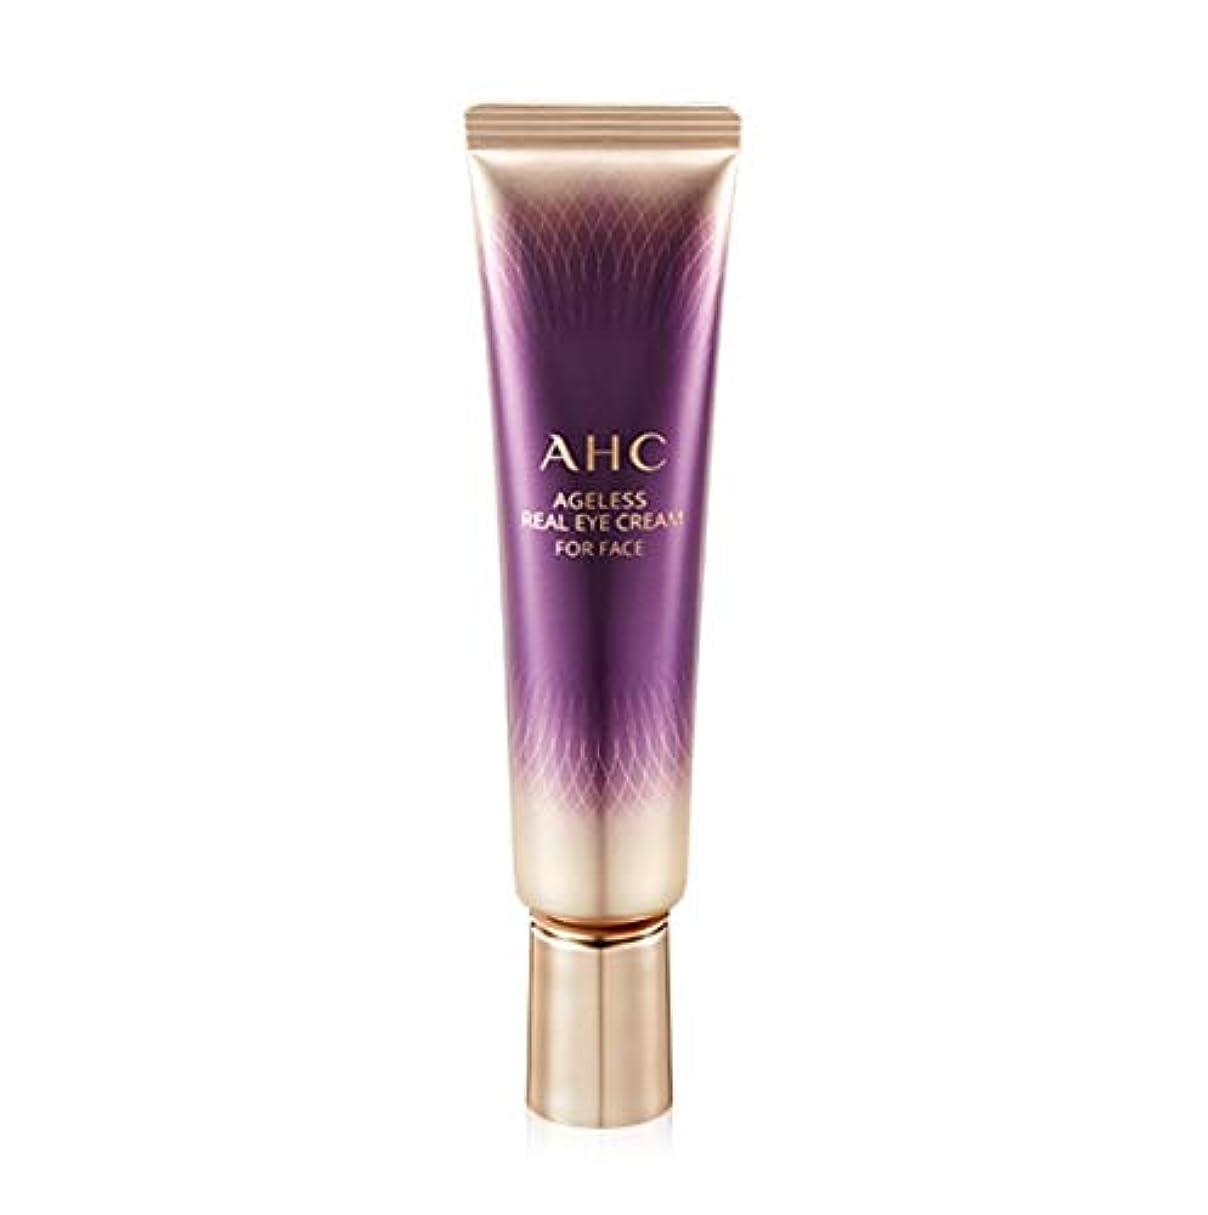 現実油流す[New] AHC Ageless Real Eye Cream For Face Season 7 30ml / AHC エイジレス リアル アイクリーム フォーフェイス 30ml [並行輸入品]